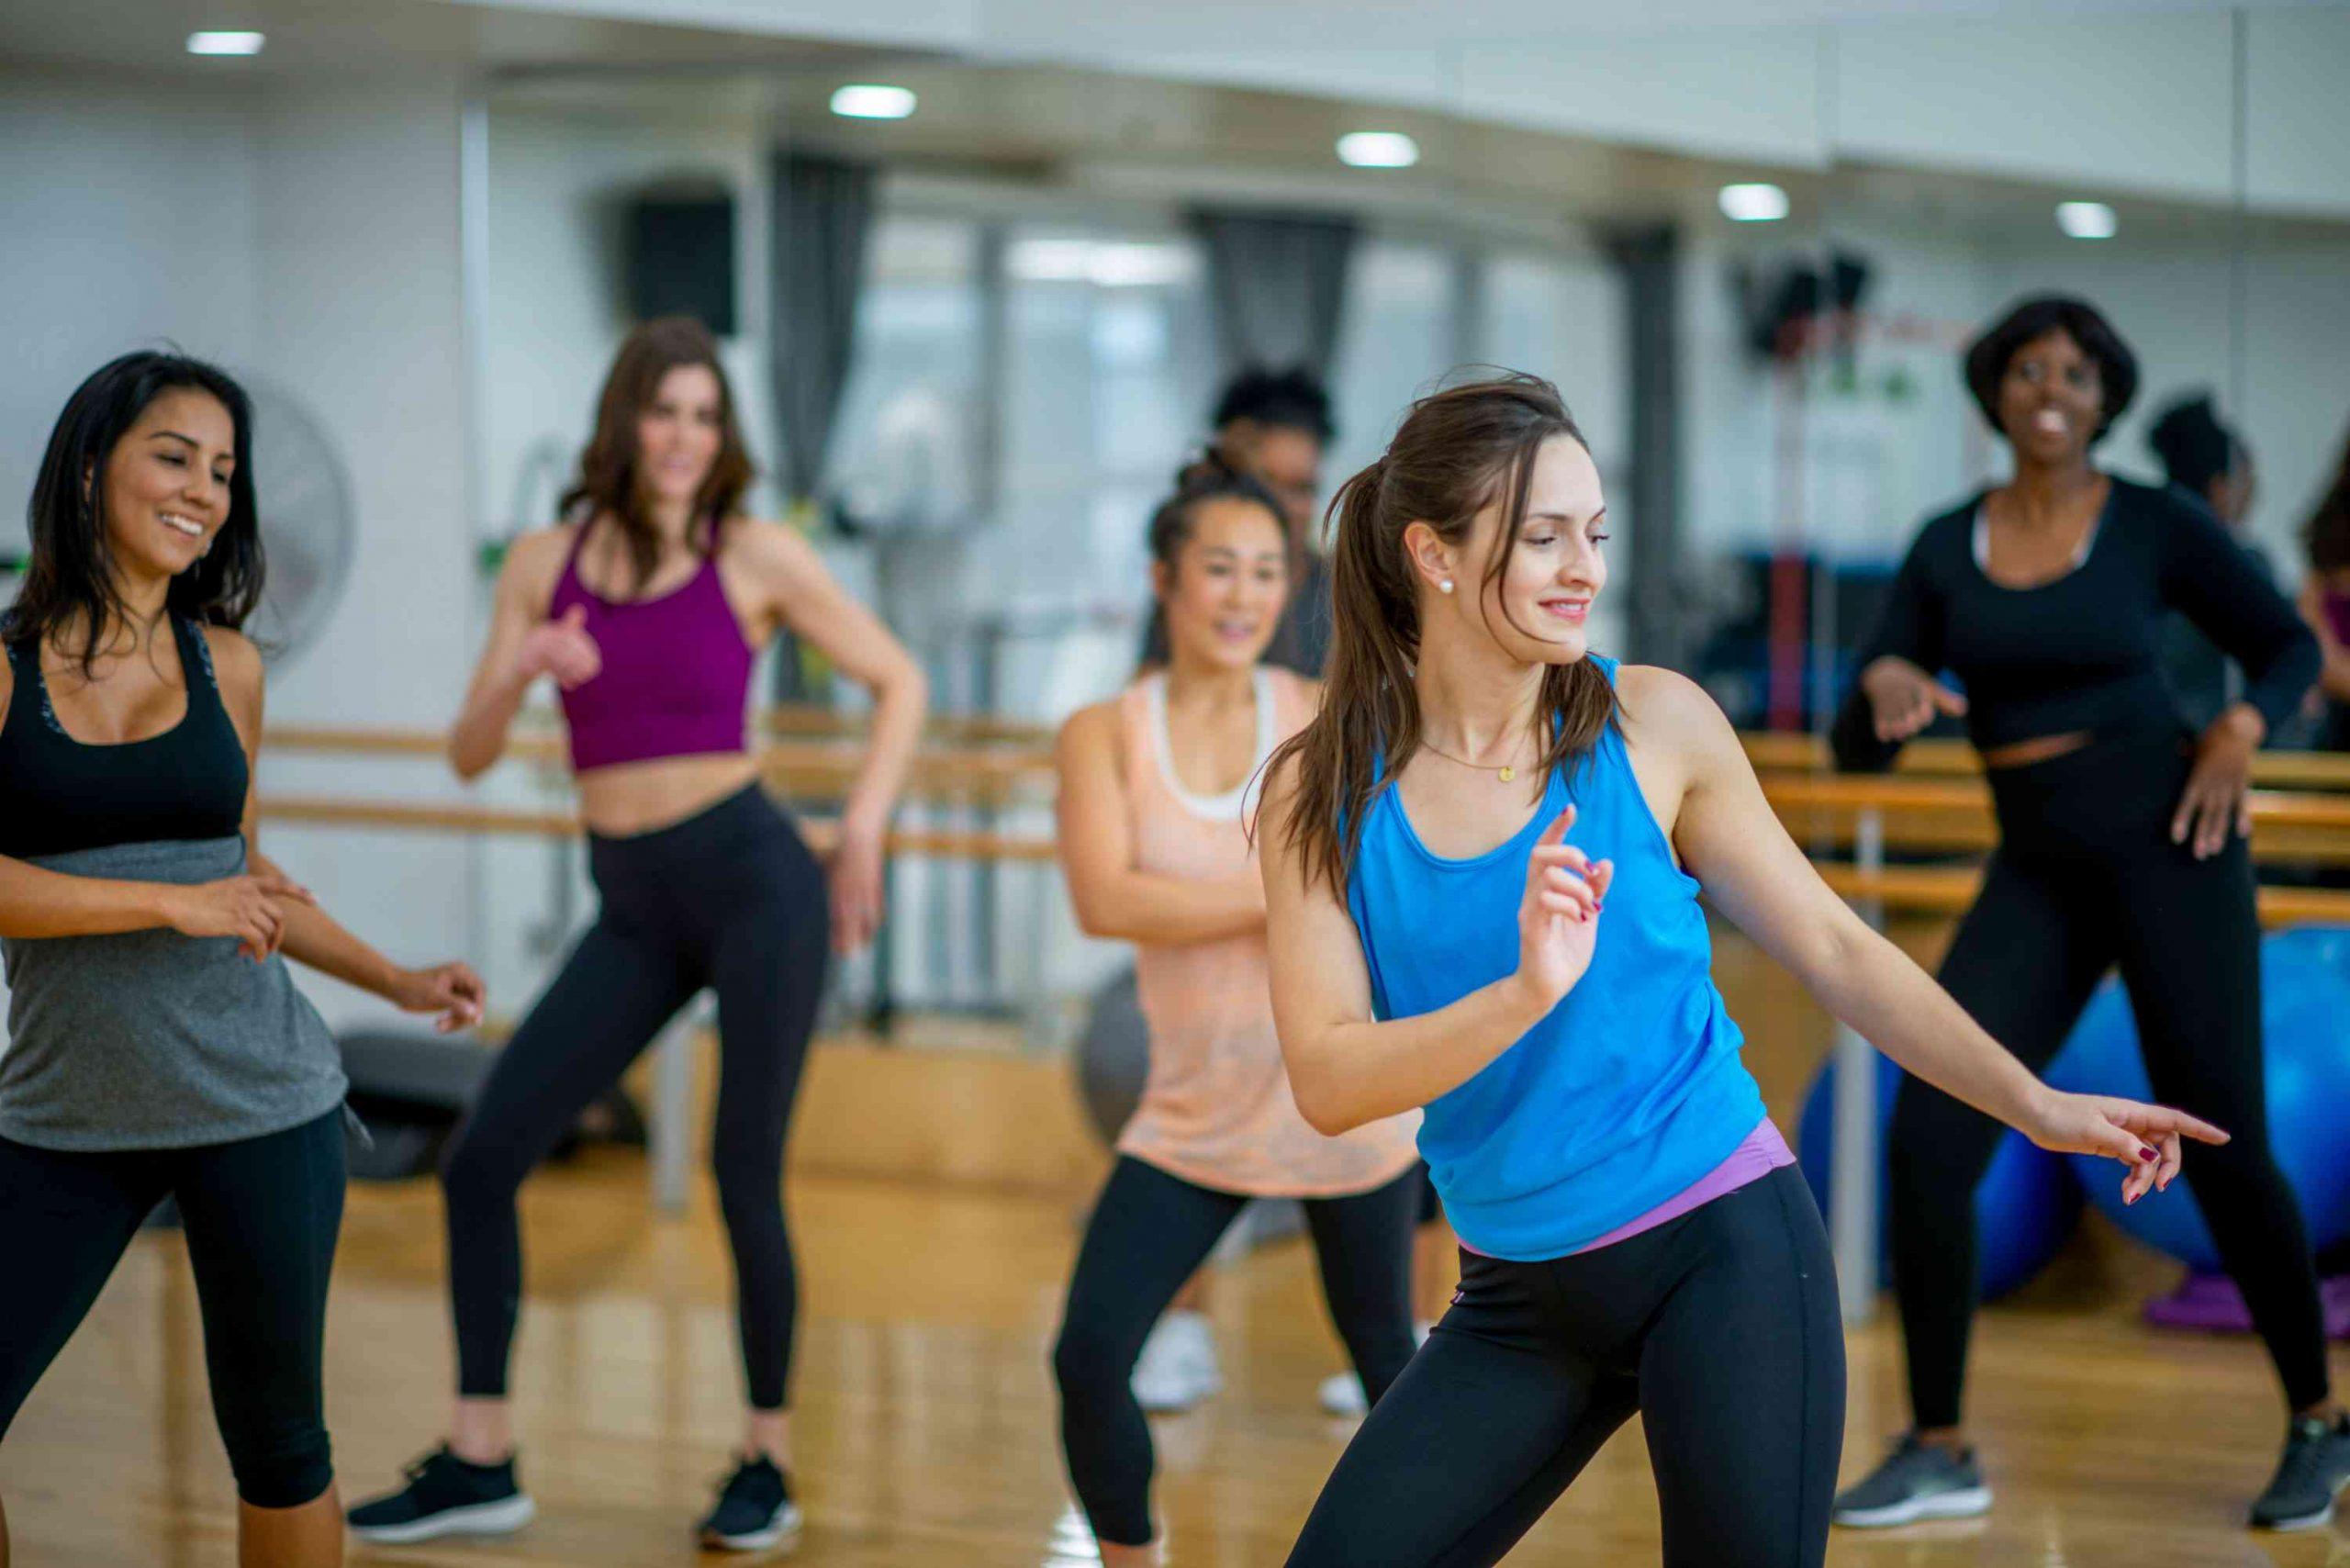 Αθλητισμός Οφέλη Zumba: Προπόνηση σε μουσικούς ρυθμούς με απεριόριστα οφέλη στην υγεία [vid]